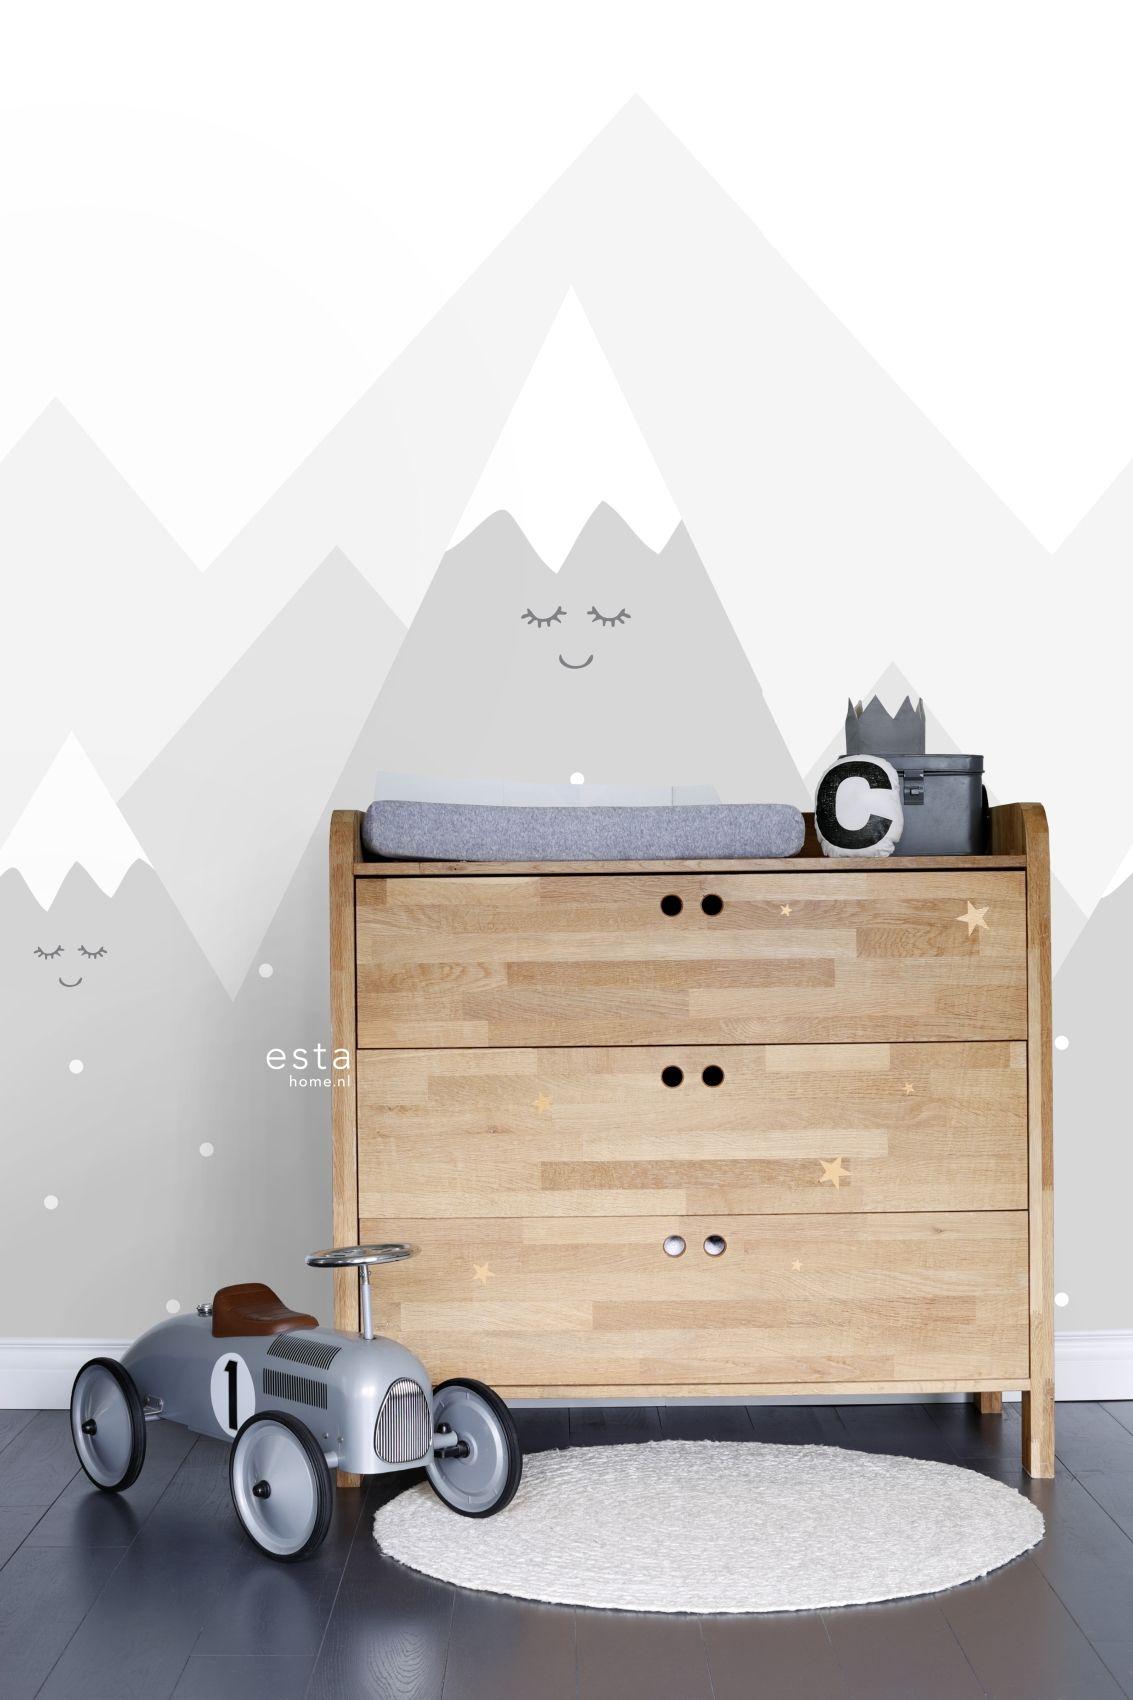 Kinderzimmer Fototapete 'Berge' hellgrau 186x279cm (mit